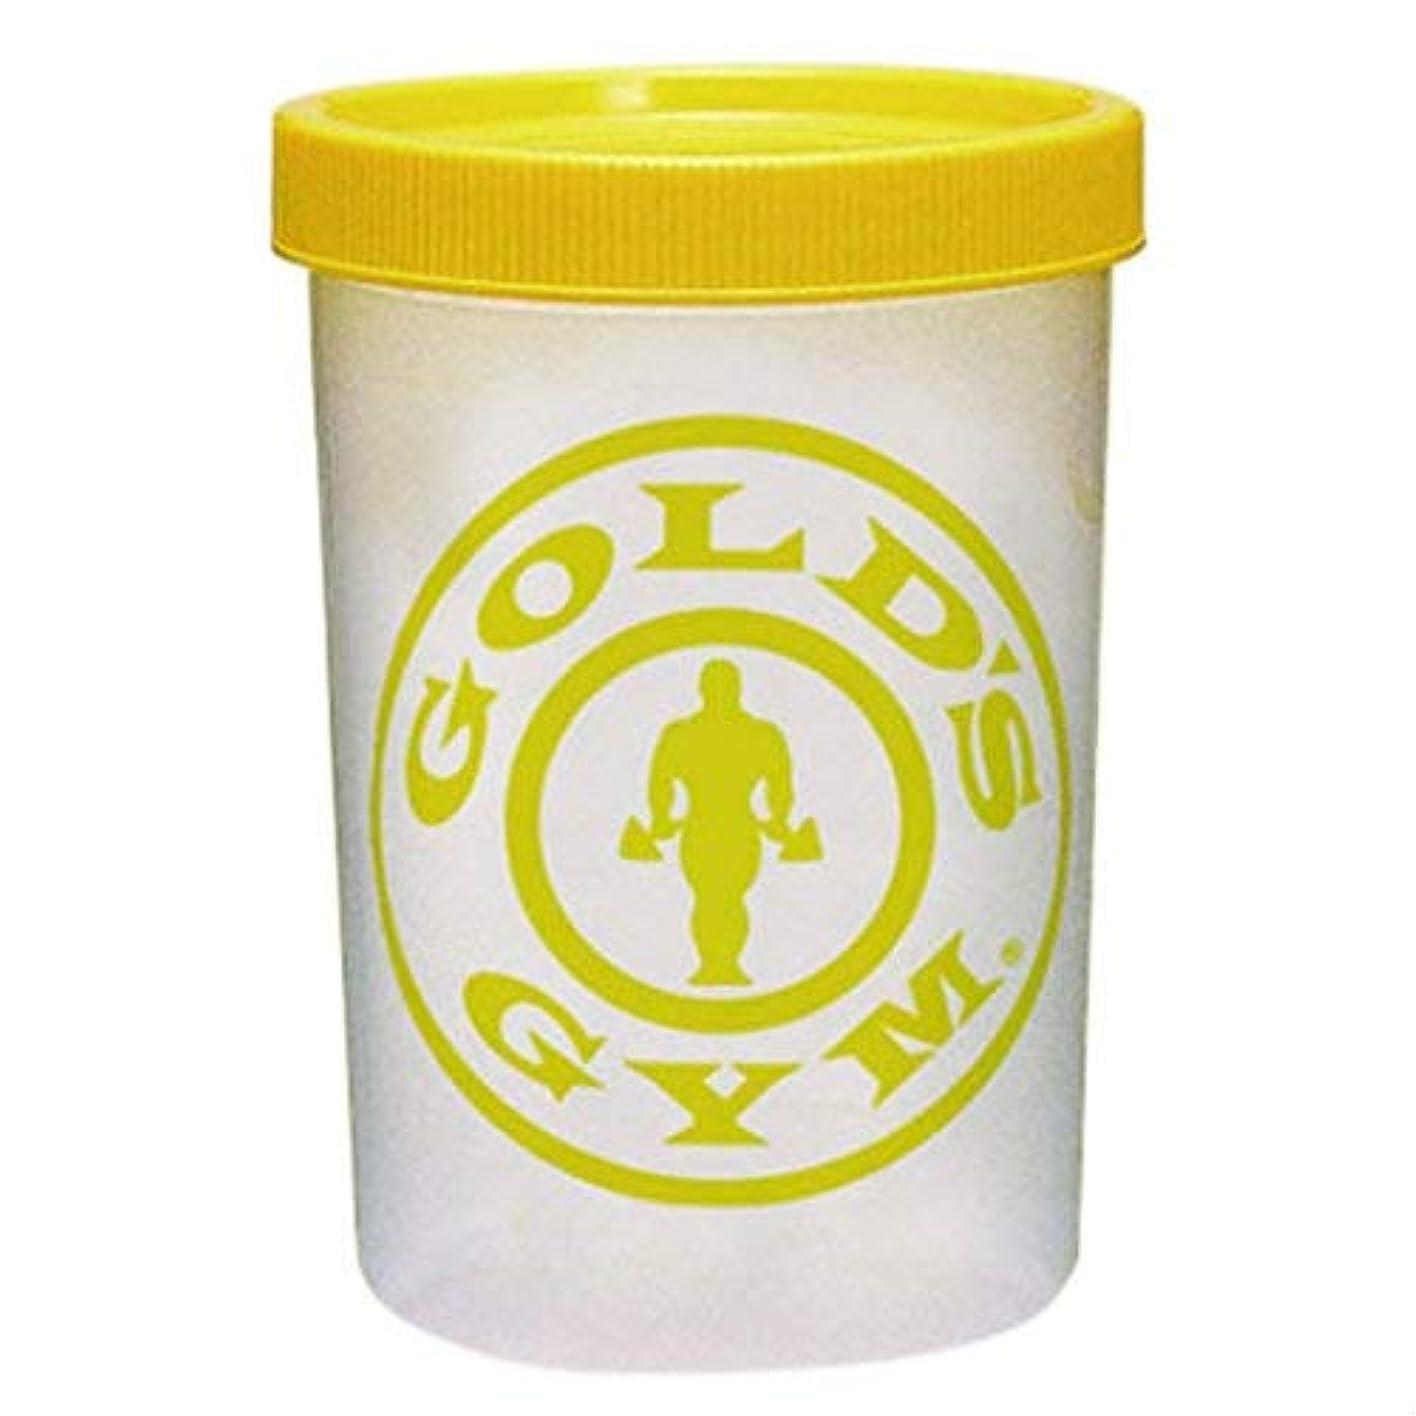 失望させる喉が渇いた精緻化ゴールドジム プロテインシェイカー 400ml